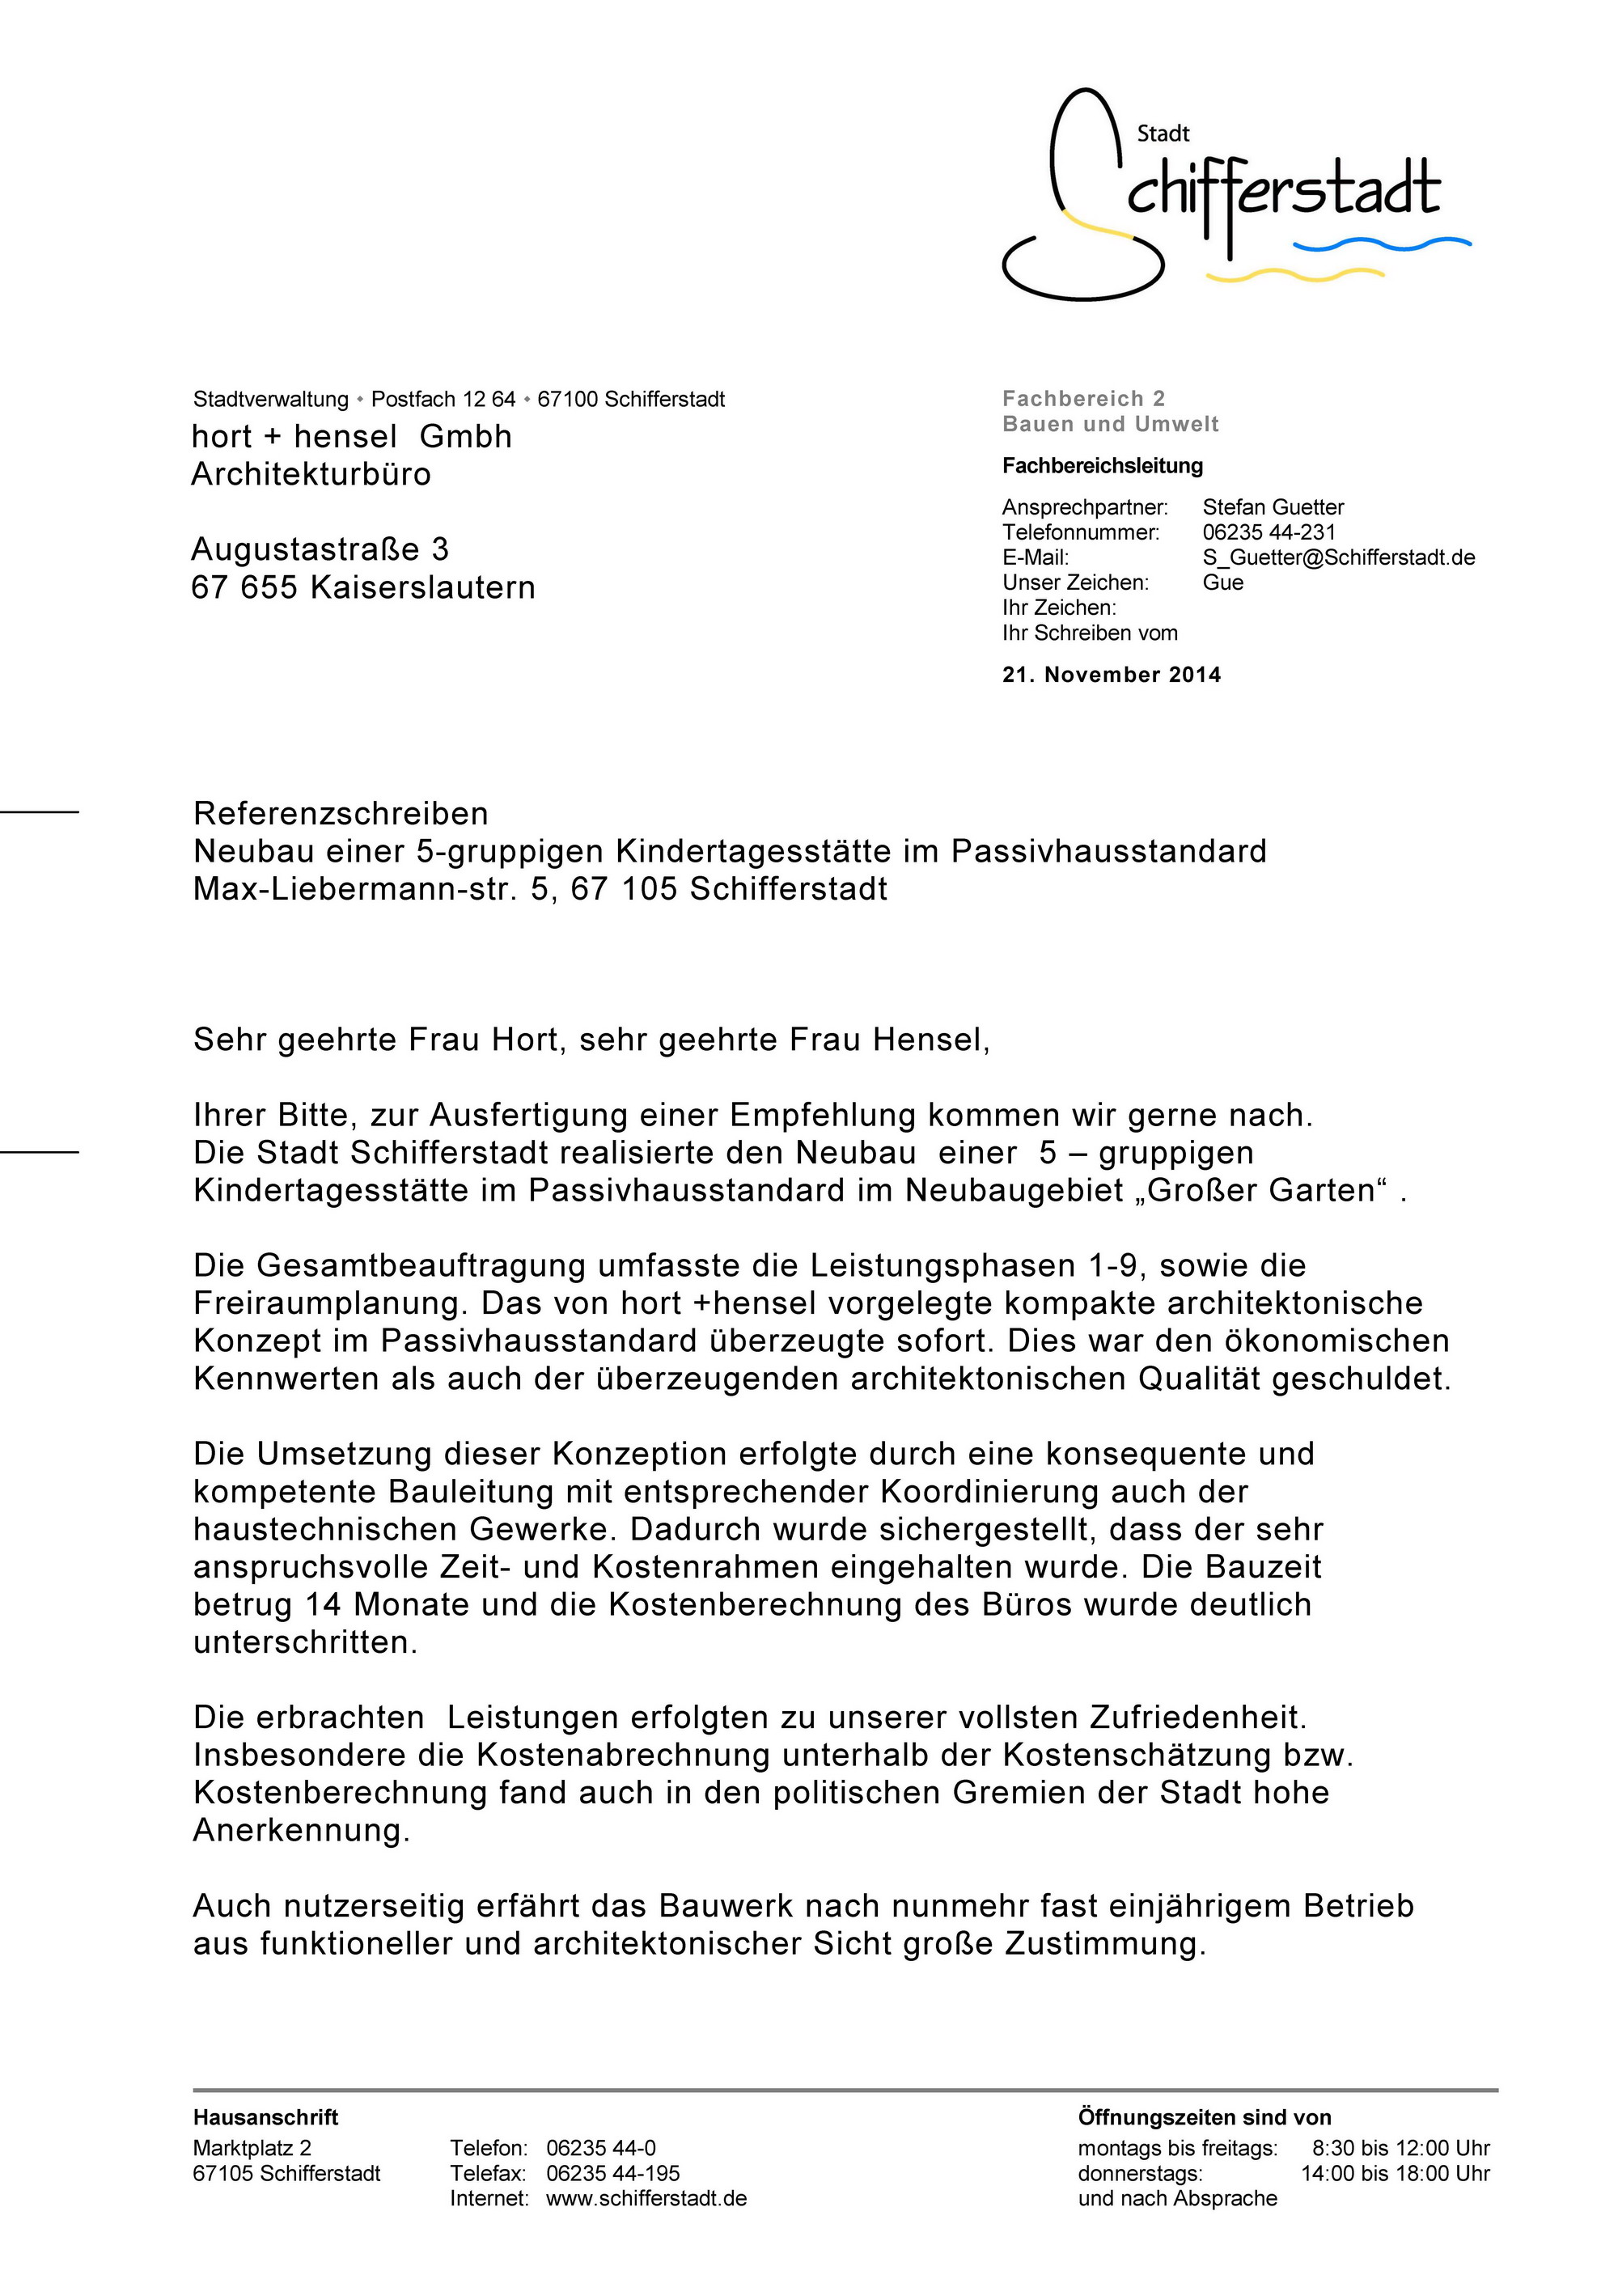 Referenzschreiben_Stadt Schifferstadt_Seite_1_redu